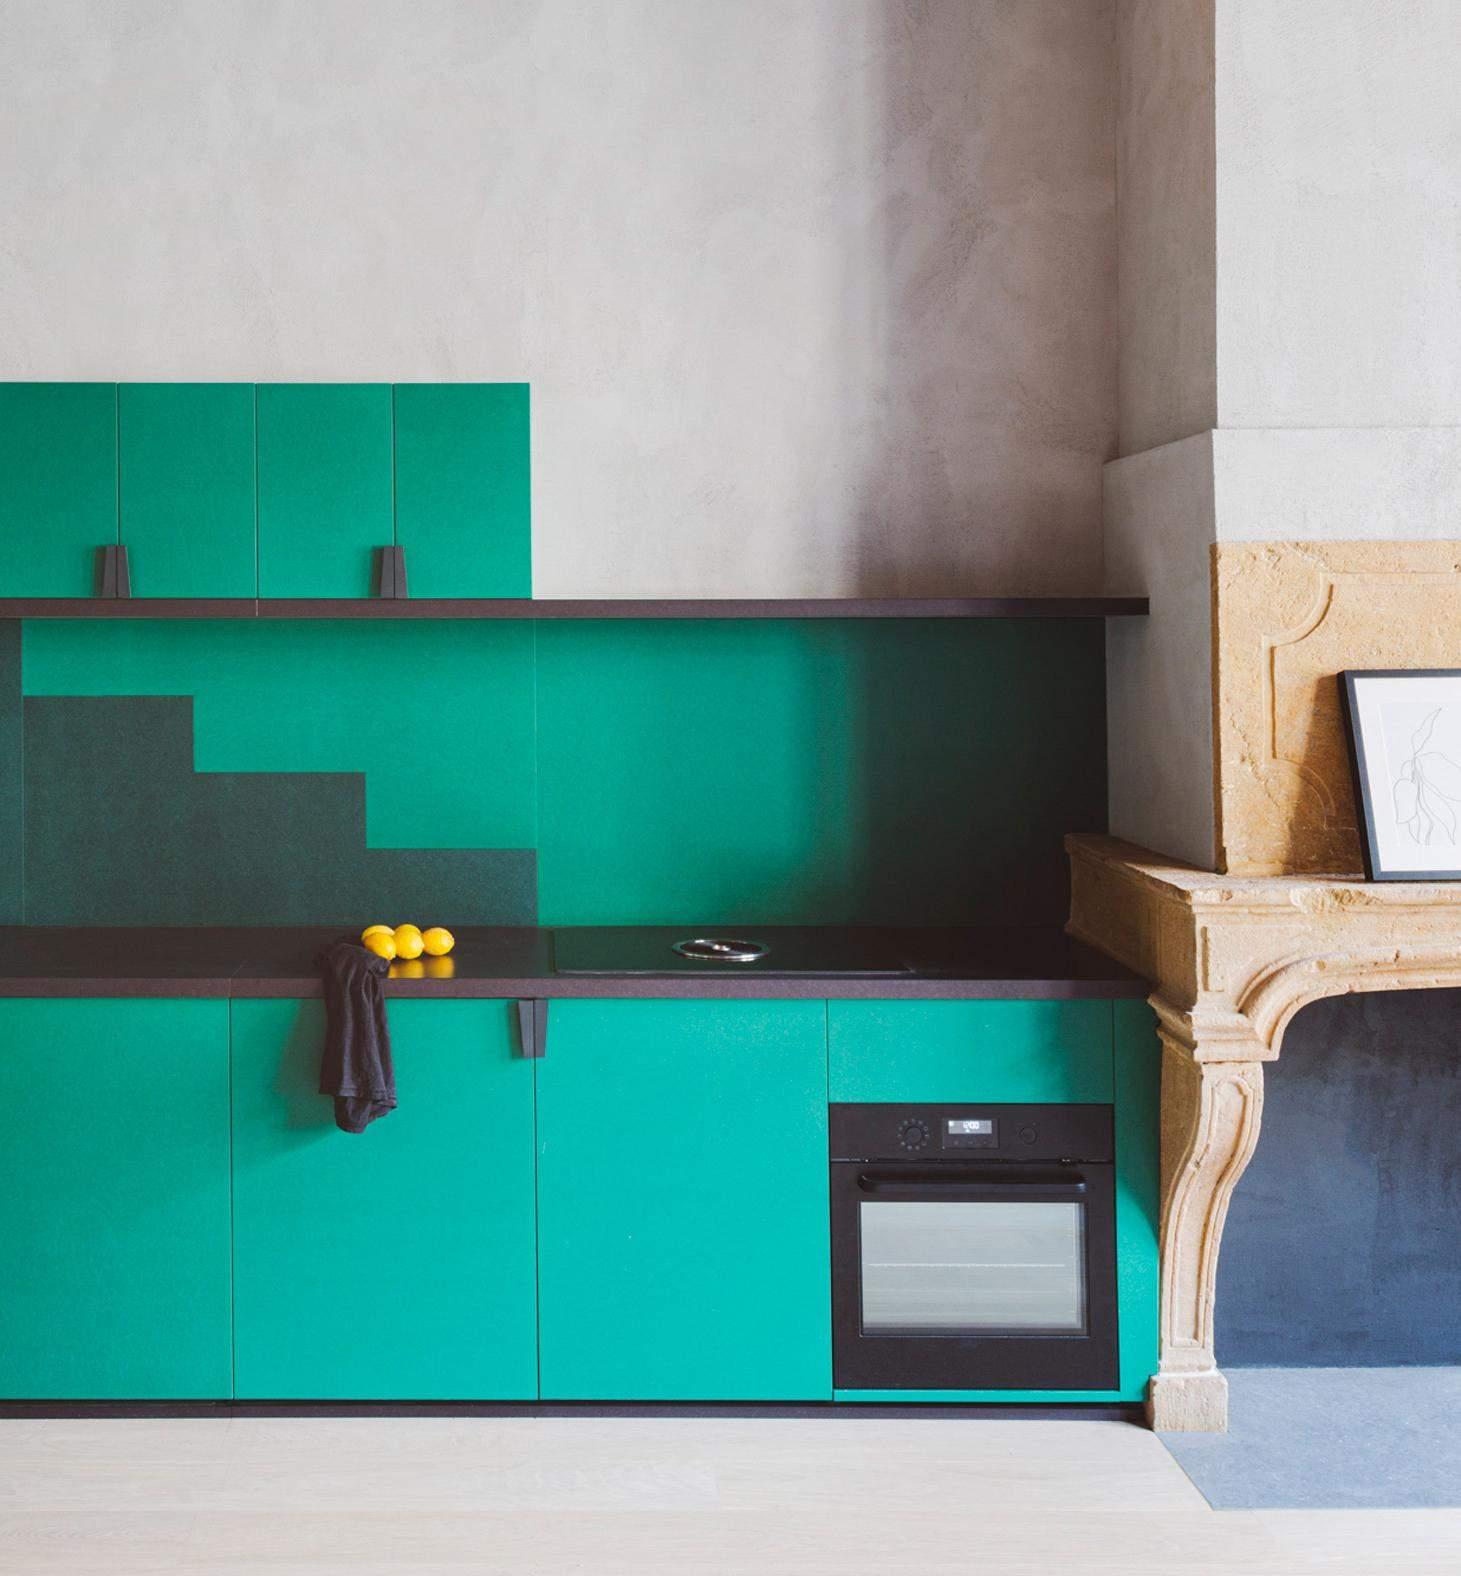 Ступенчатые кухонные шкафы яркого оттенка